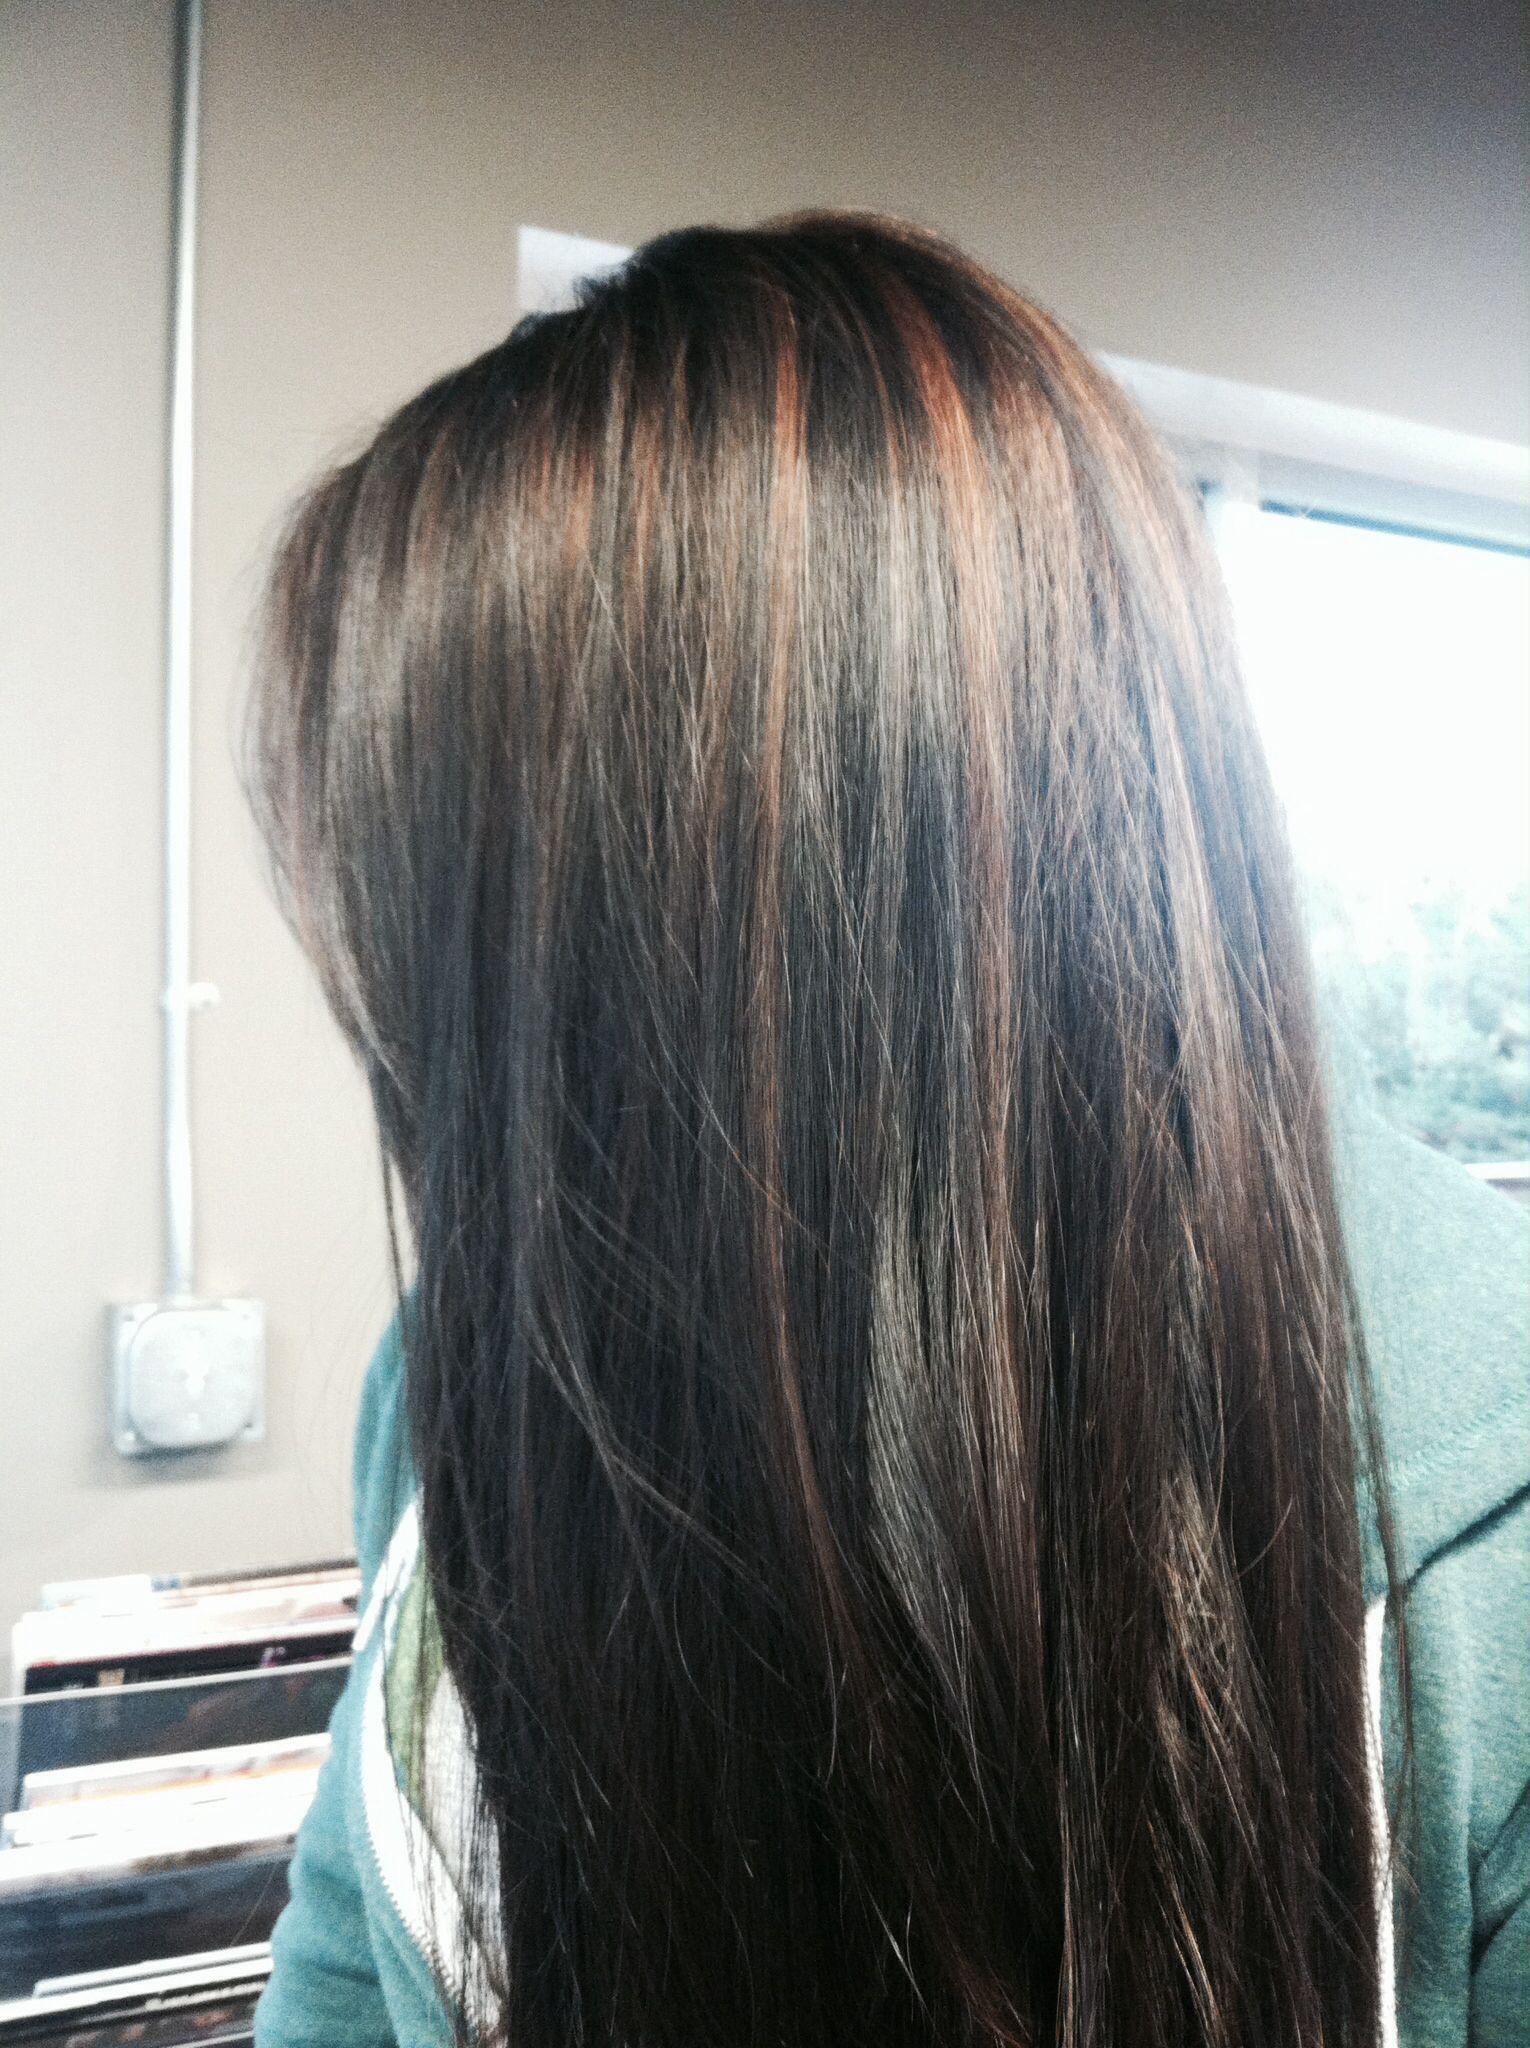 Cinnamon brown highlights with dark brown/black hair ...